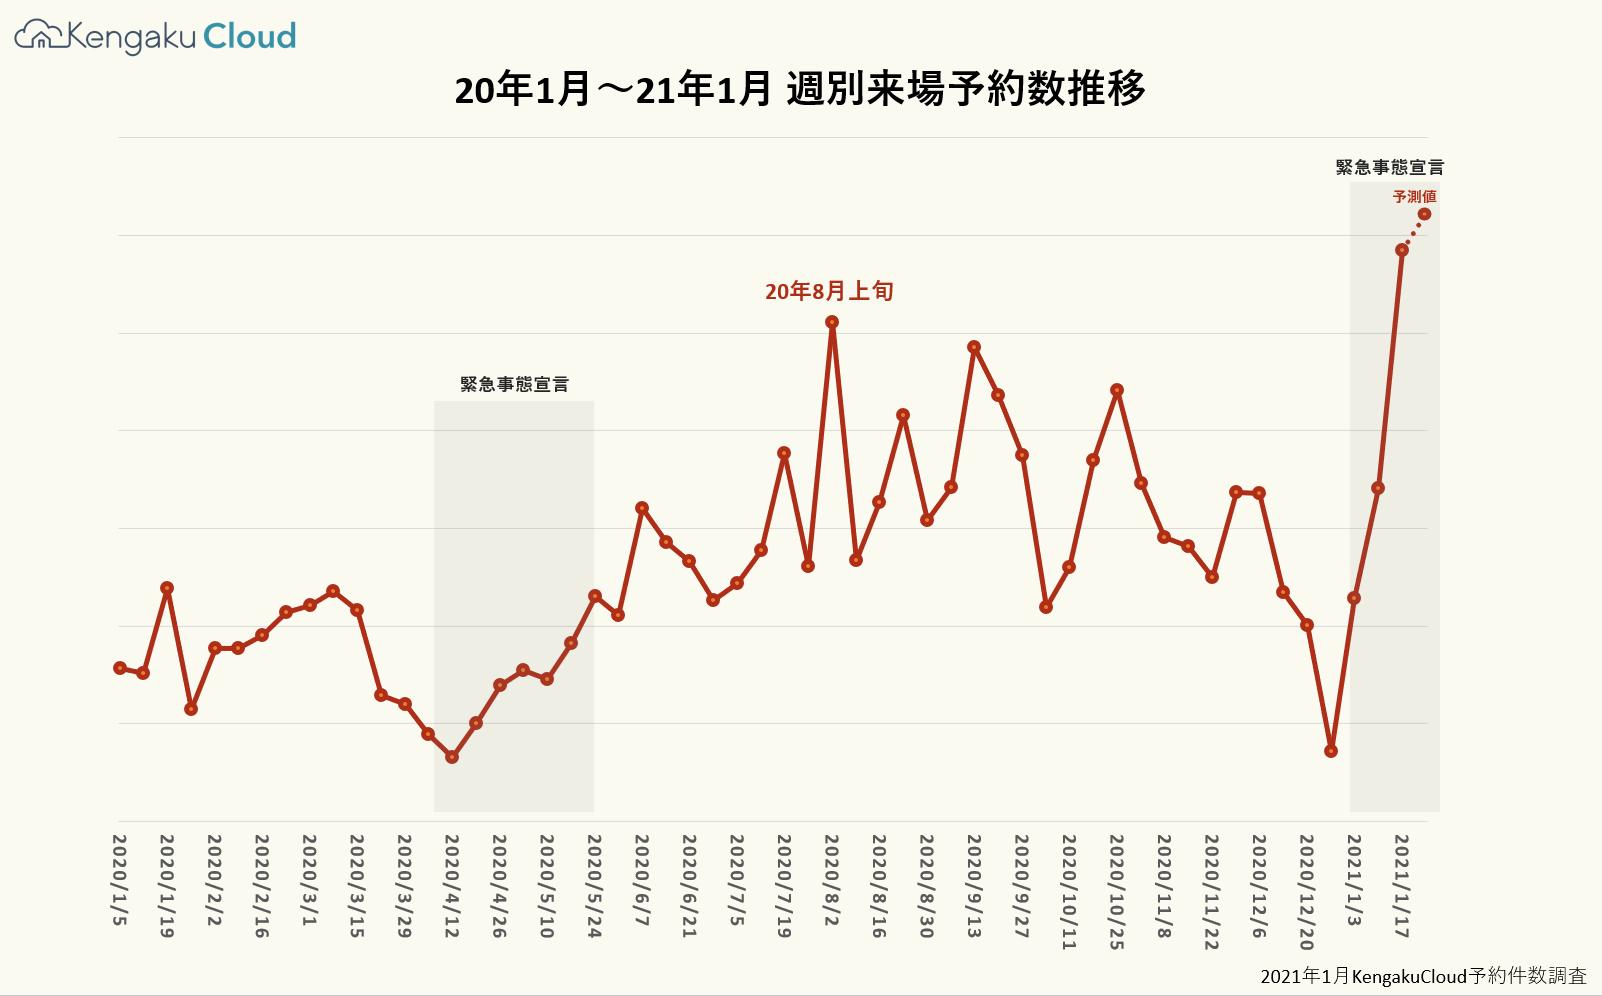 住宅業界集客速報|21年1月17日から予約来場ニーズが急上昇中。20年8月を上回る水準へ。